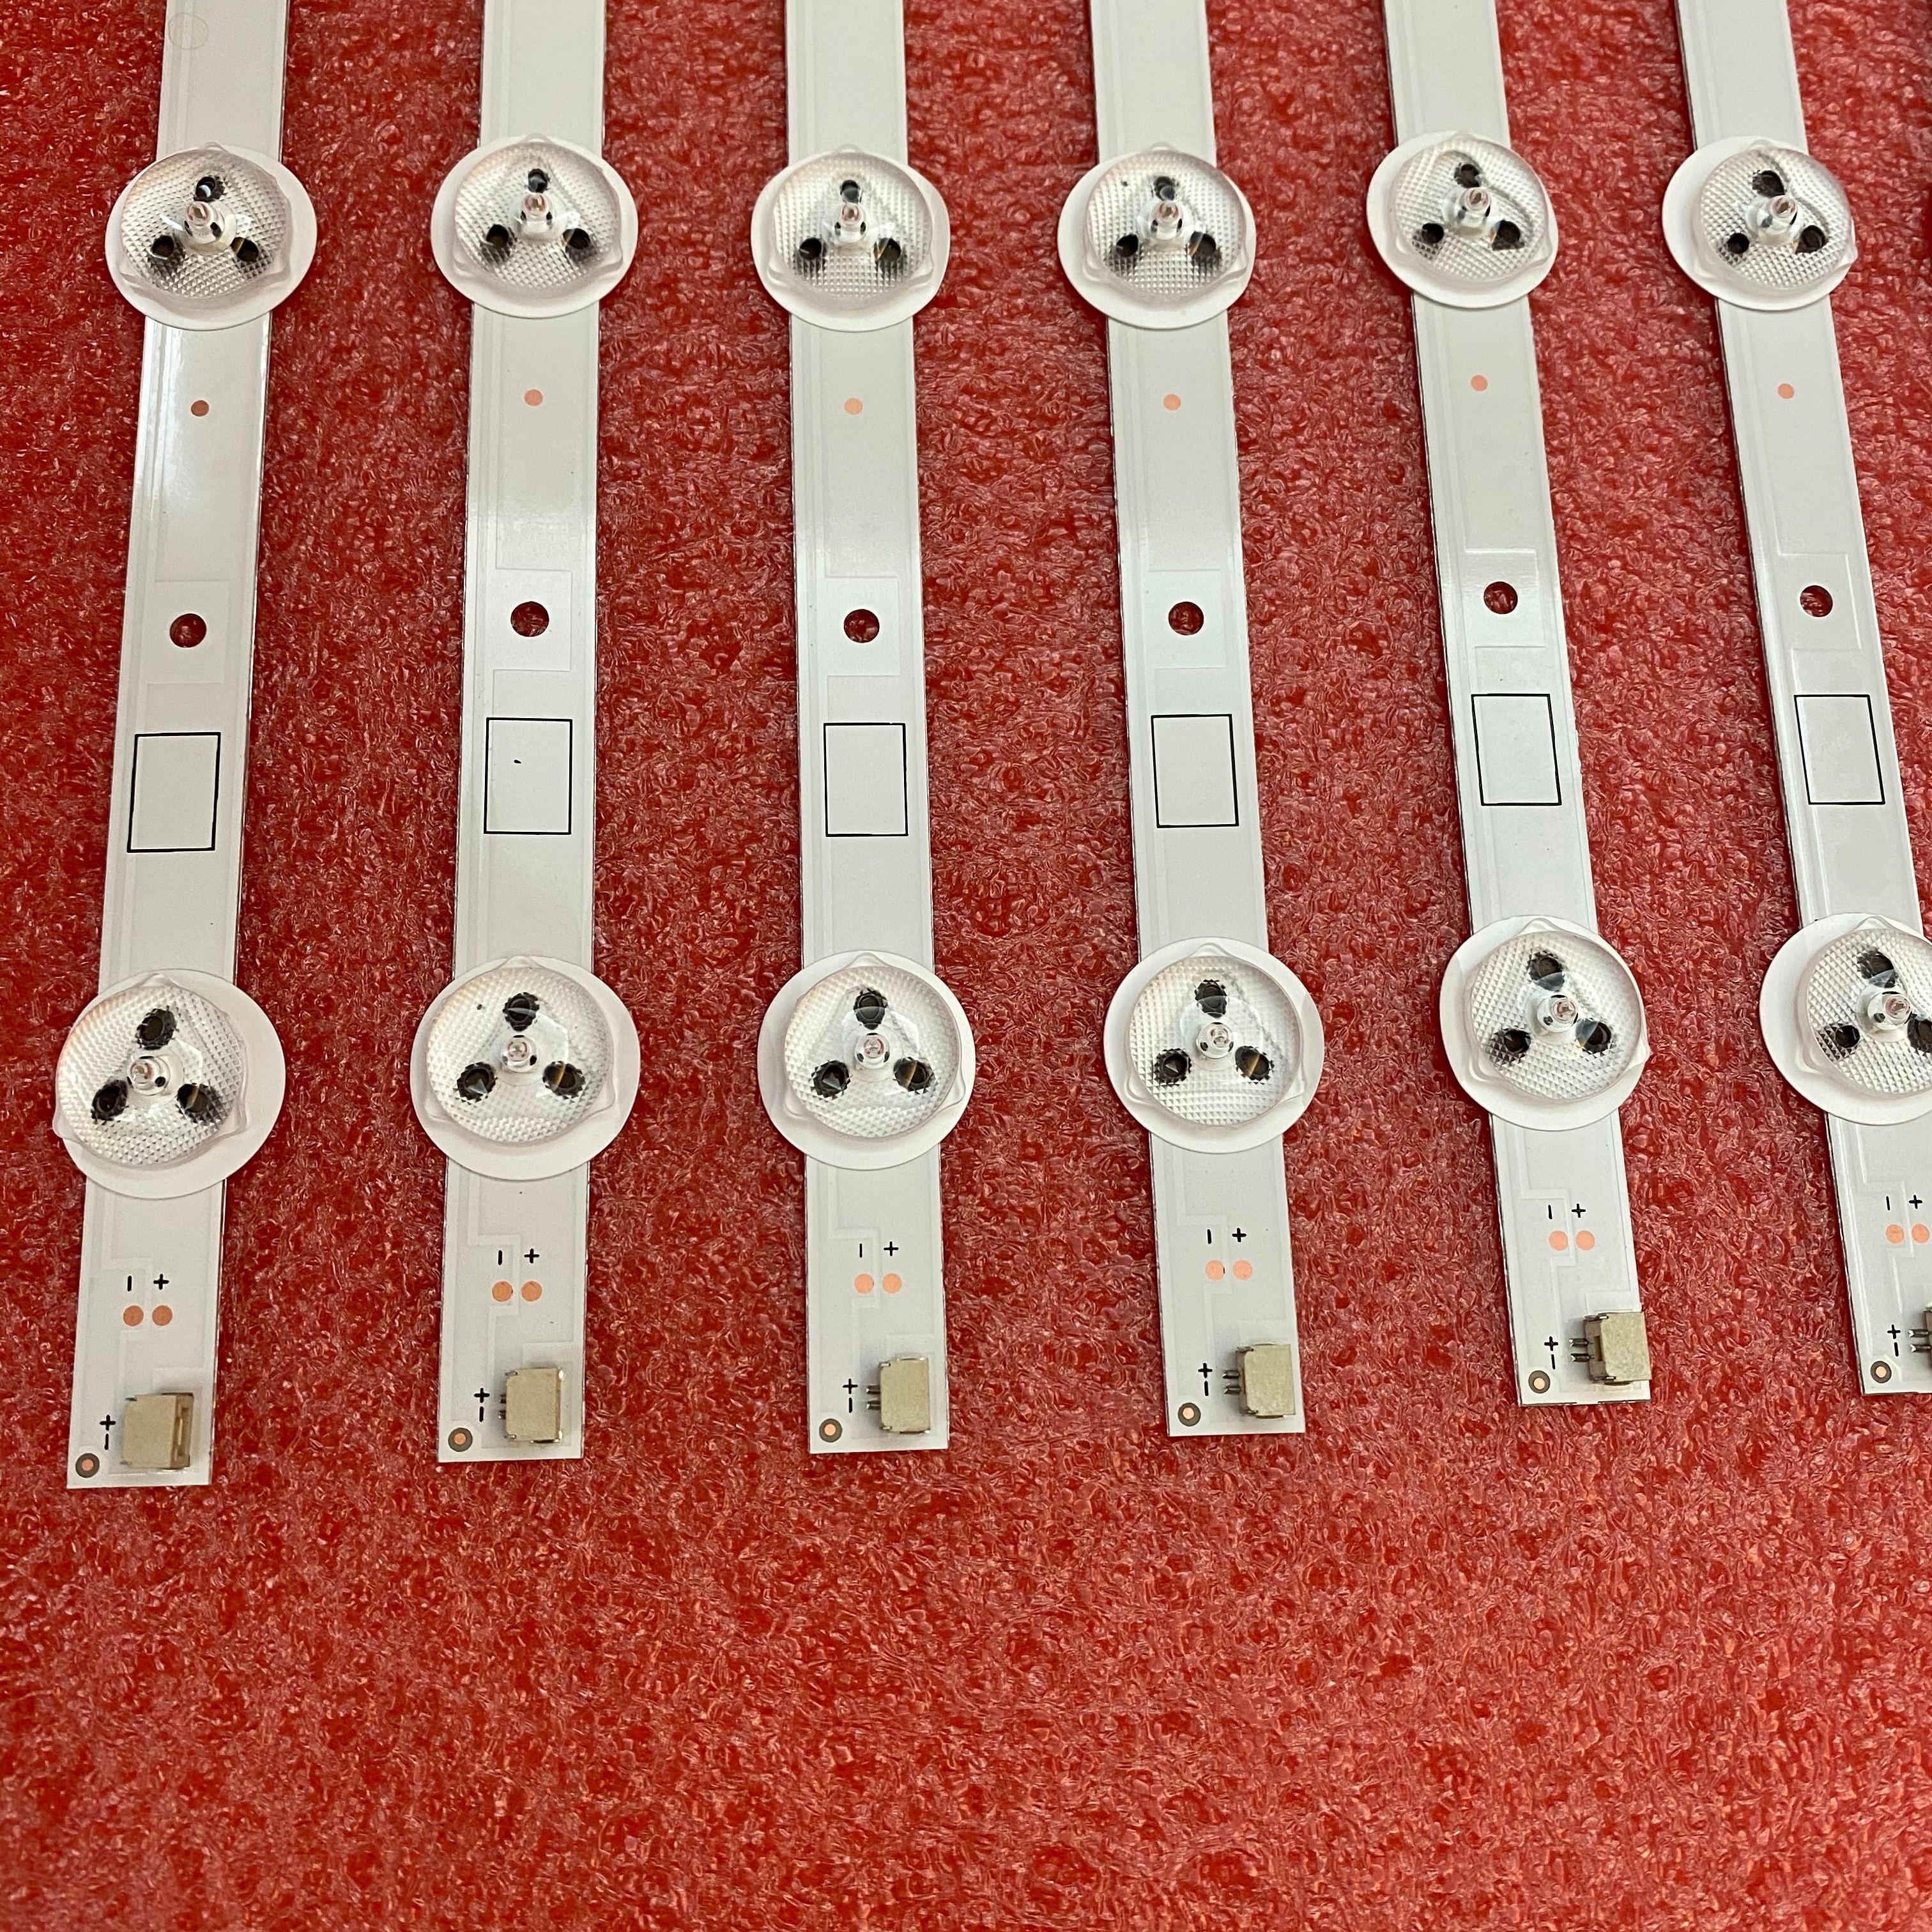 Nova 12 Pçs/set tira conduzida luz de fundo para Sony KDL-46R450A KDL-46R473A S460DH1-1 S460DH1-2 KLV-46R470A KLV-46R476A SVG460AB1